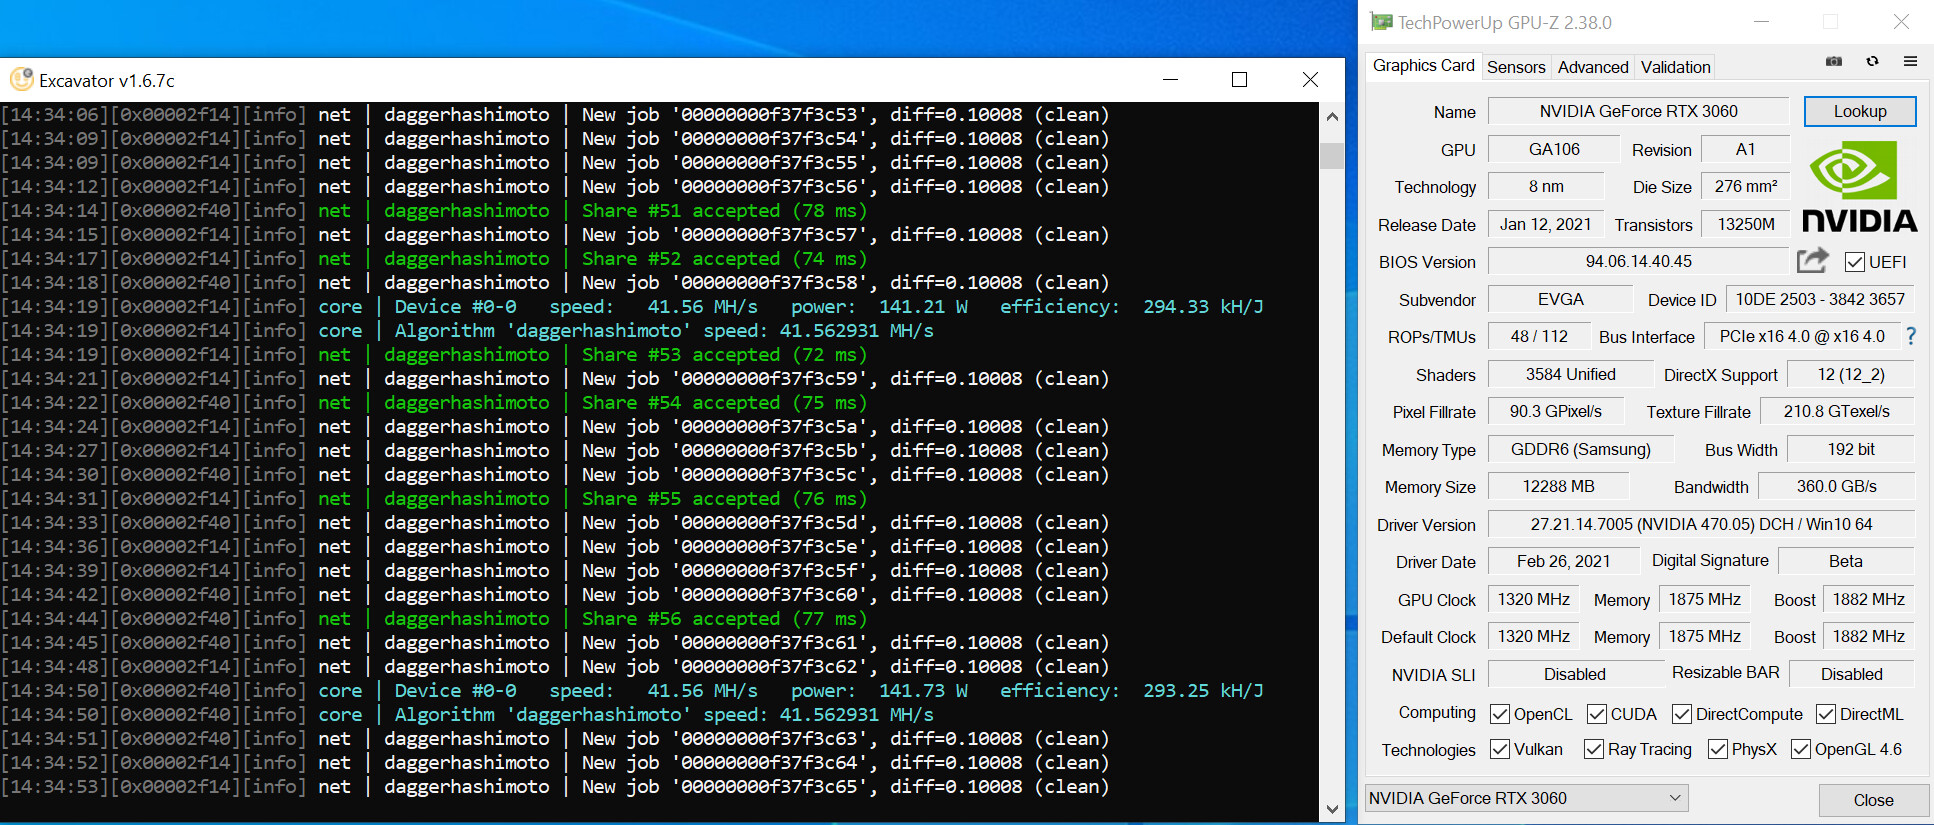 NVIDIA RTX 3060 Hashrate Limited derrotado, el controlador GeForce 470.05 desbloquea el rendimiento de minería completo